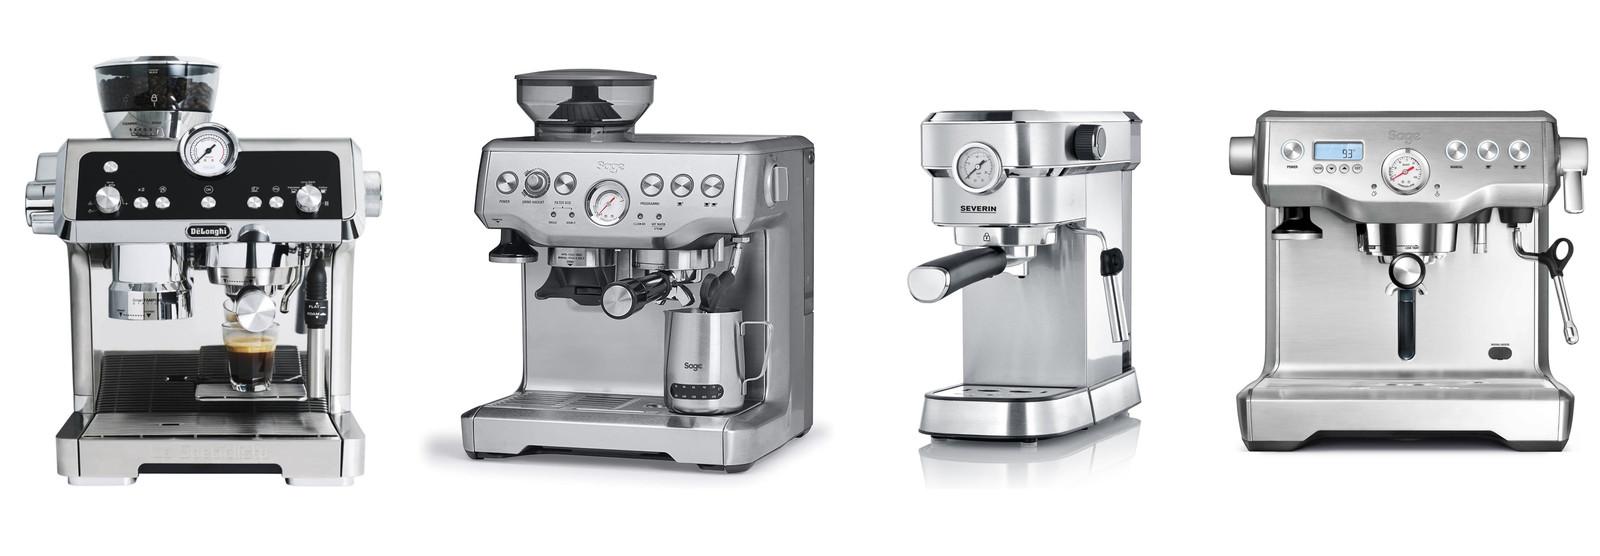 1. DeLonghi Espressomachine La Specialista EC9335.M / 2. Sage Barista Express SES875 Stainless / 3. Severin KA 5994 Espresa / 4. Sage Dual Boiler SES920BSS4EEU1